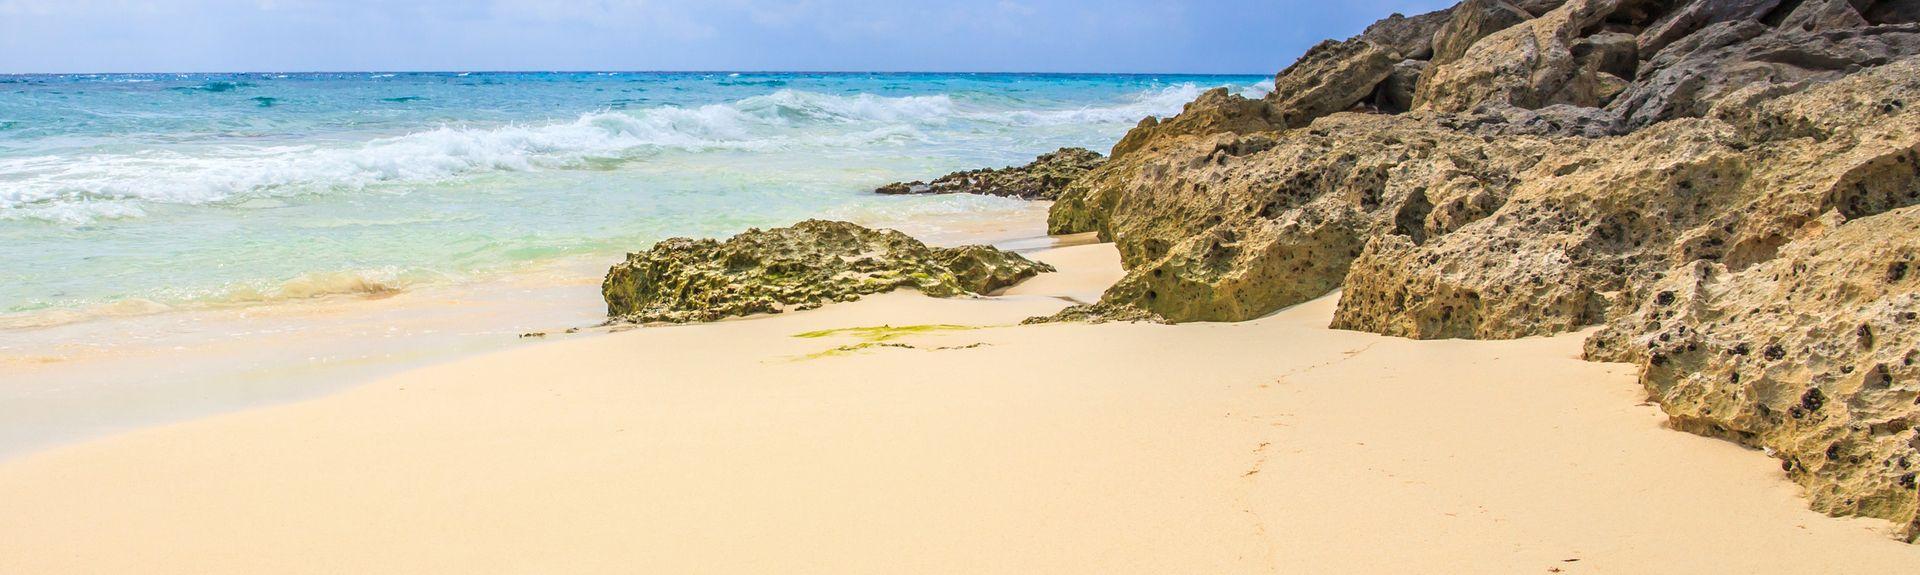 Playacar (Playa del Carmen, Quintana Roo, México)